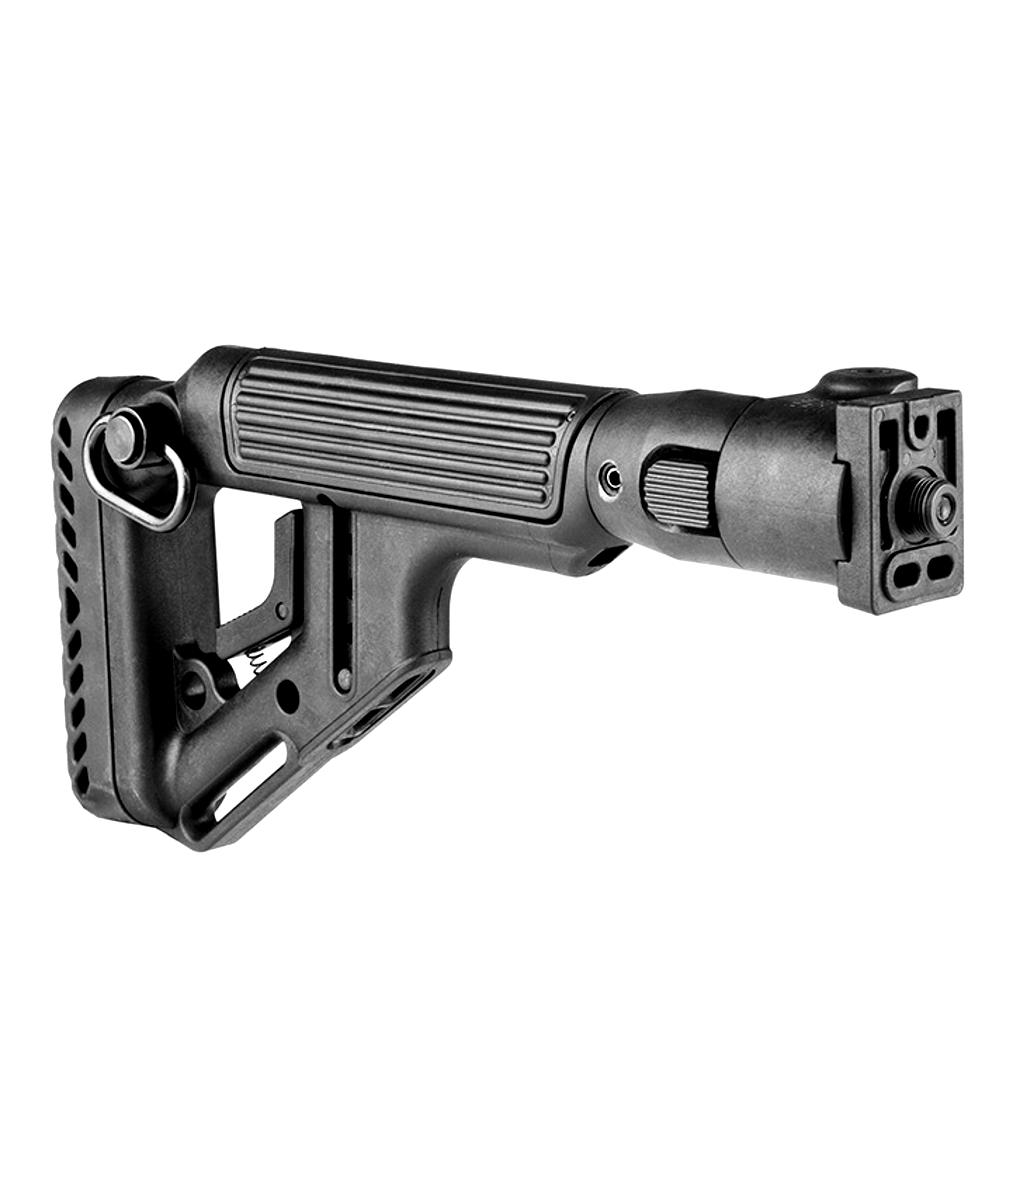 Fab Defense VZ-58 Butt Stock with Cheek Piece & Polymer Joint UAS-VZP